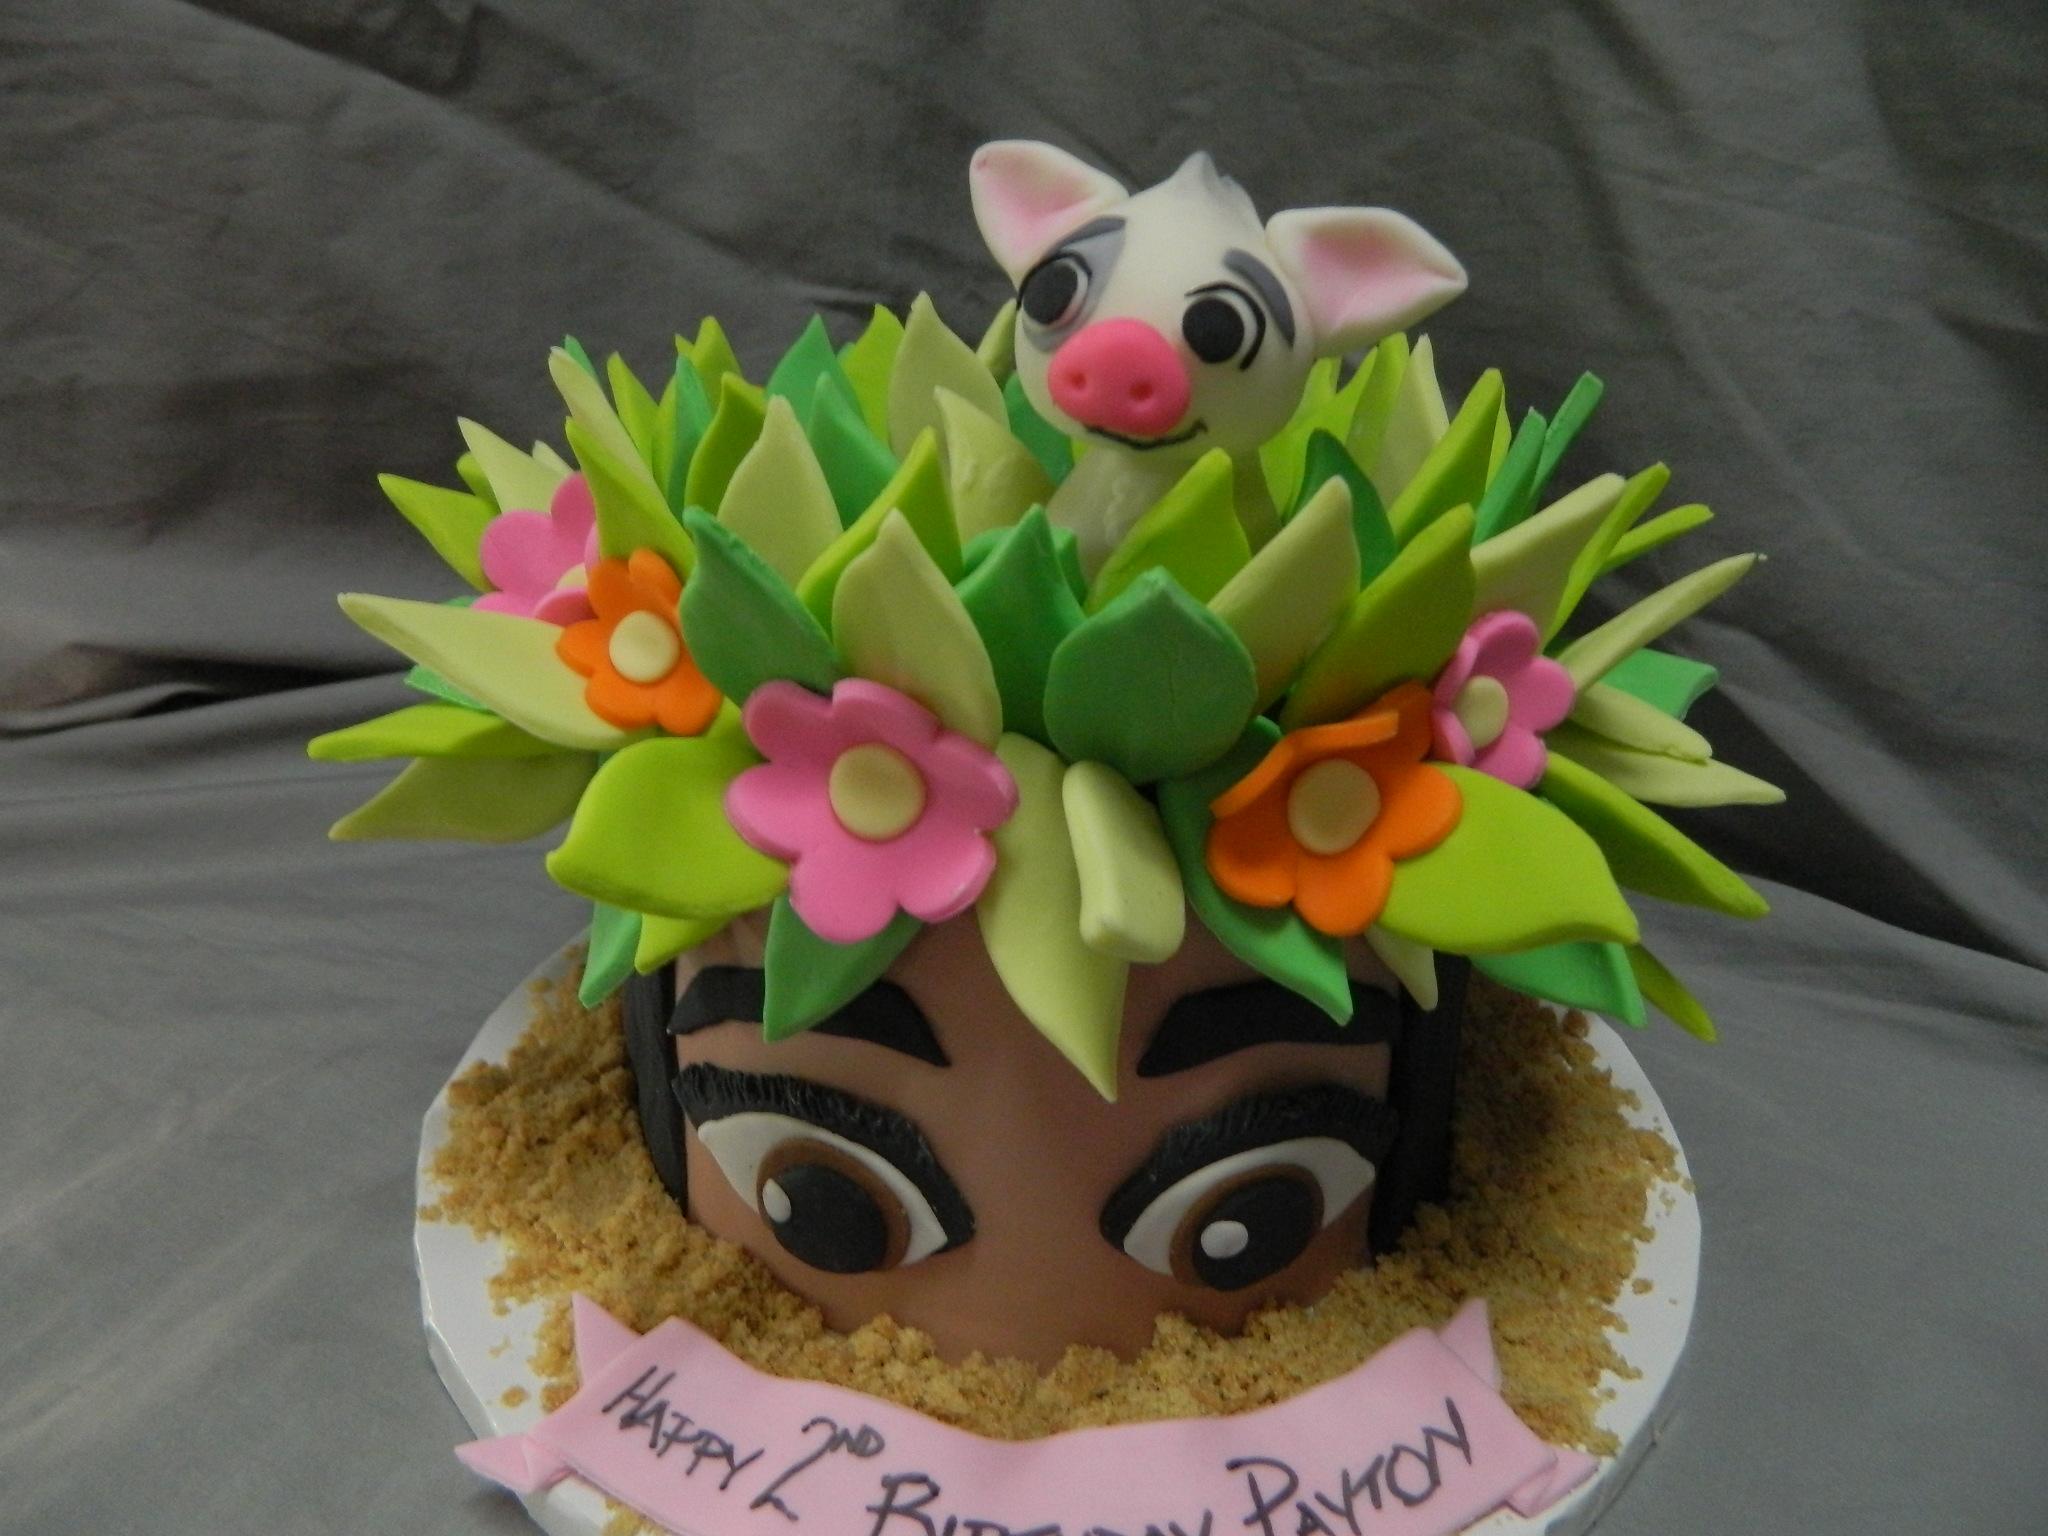 Moana Themed Custom Birthday Cake Hey Cupcake